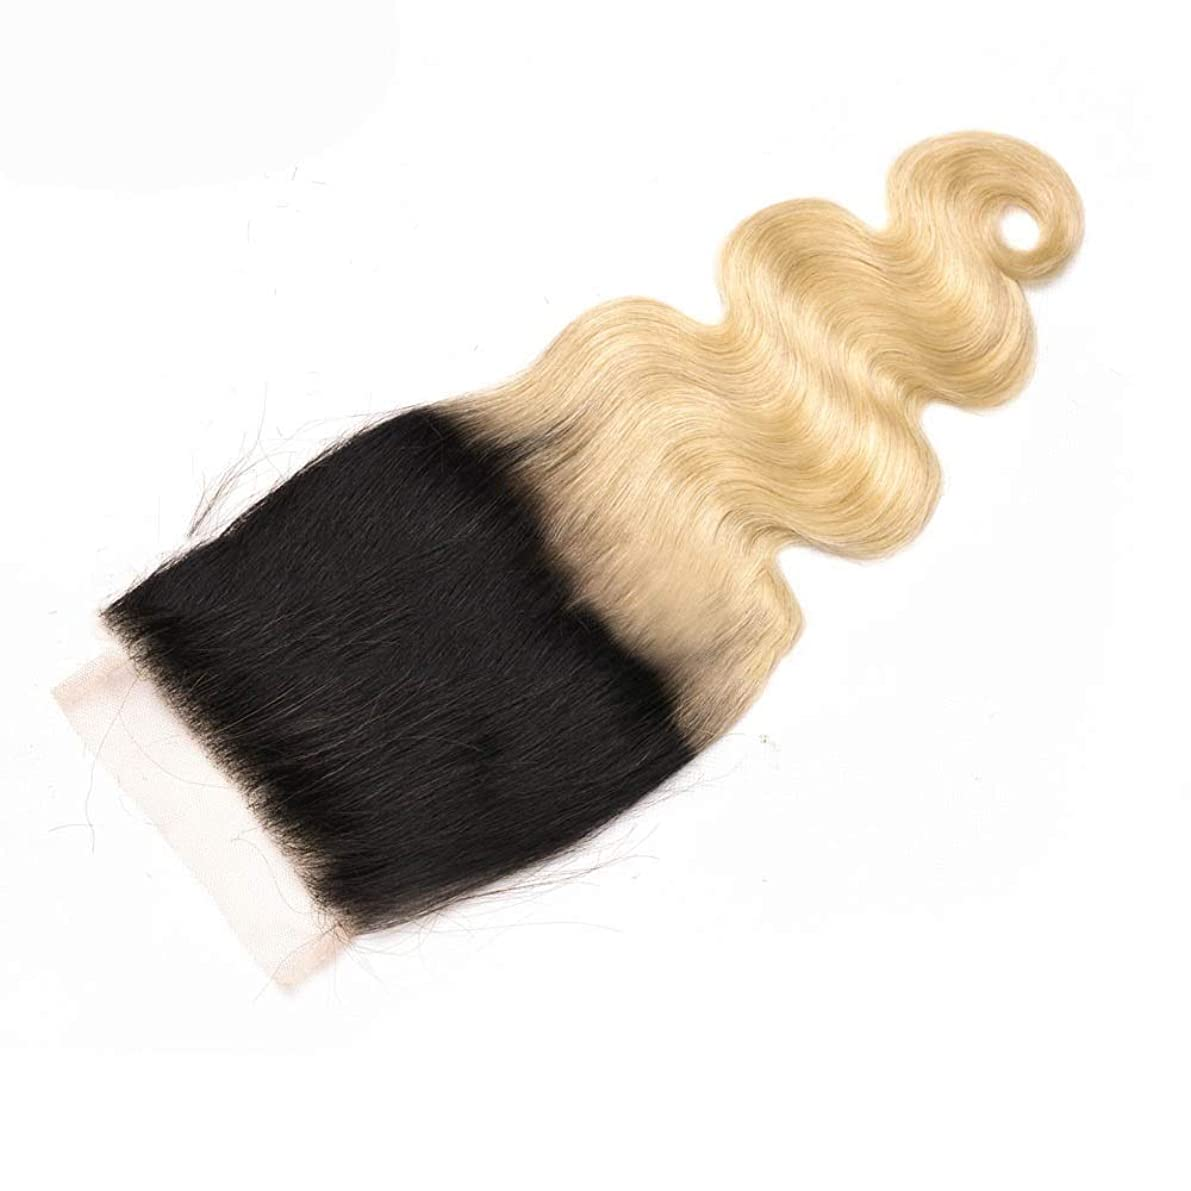 ストリーム敷居外交官YAHONGOE ブラジルの本物の人間の髪の実体波レース前頭閉鎖 - ブロンド2トーンカラーロールプレイングかつら女性の自然なかつらにT1b / 613#黒 (色 : Blonde, サイズ : 16 inch)